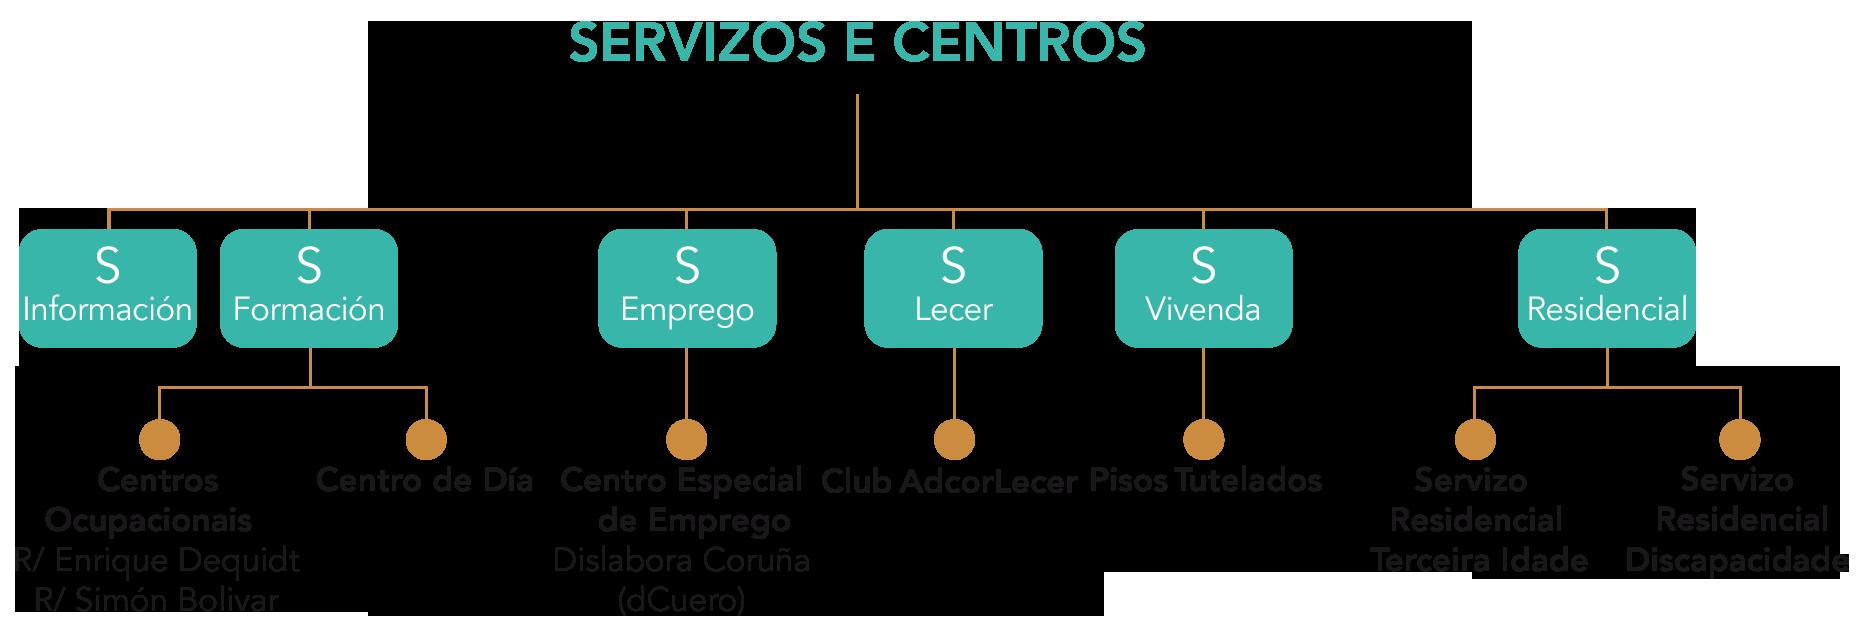 servicios-y-centros-adcor-gallego